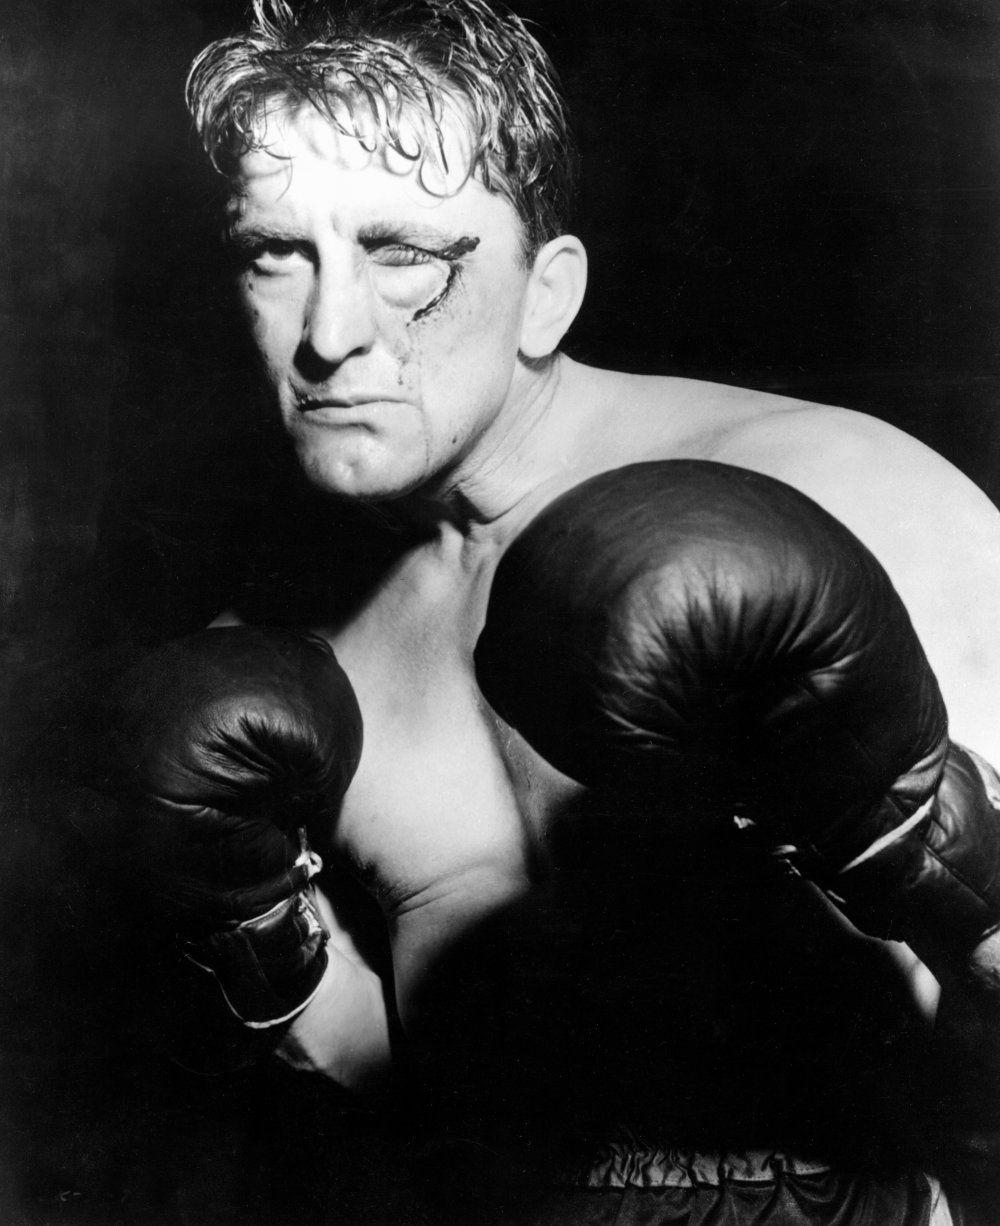 champion-1949-001-kirk-douglas-as-boxer-00n-wdx